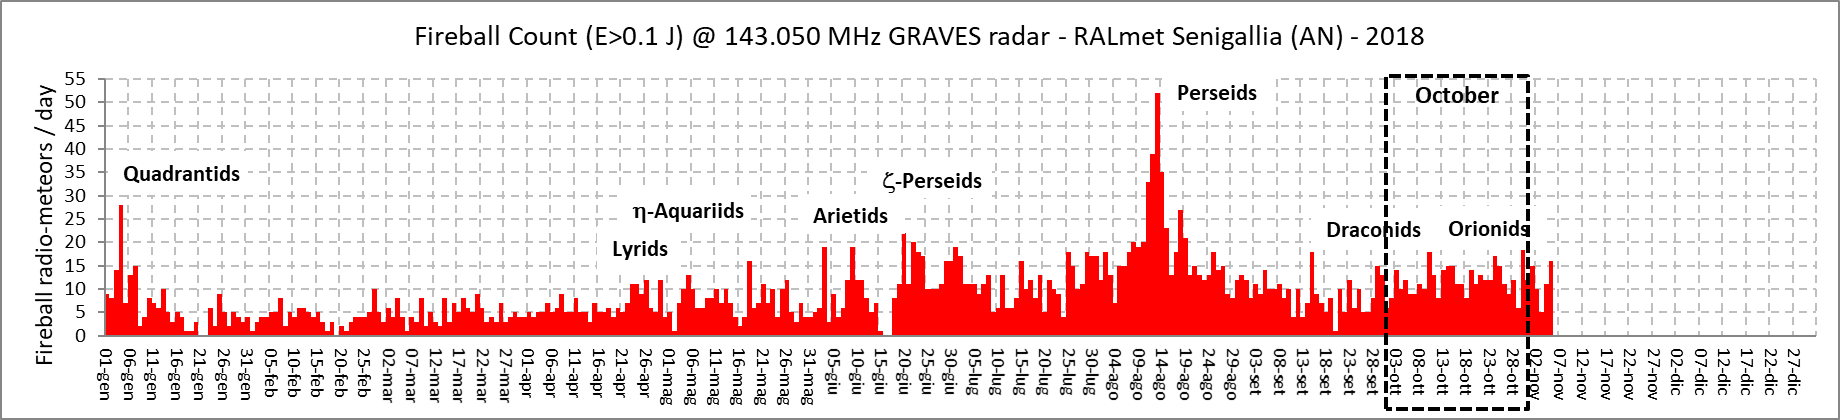 """Il conteggio dei """"radio-bolidi"""" (classificati secondo la definizione specificata) aiuta a localizzare la presenza dei principali sciami meteorici annuali, altrimenti invisibili nei conteggi orari e giornalieri."""